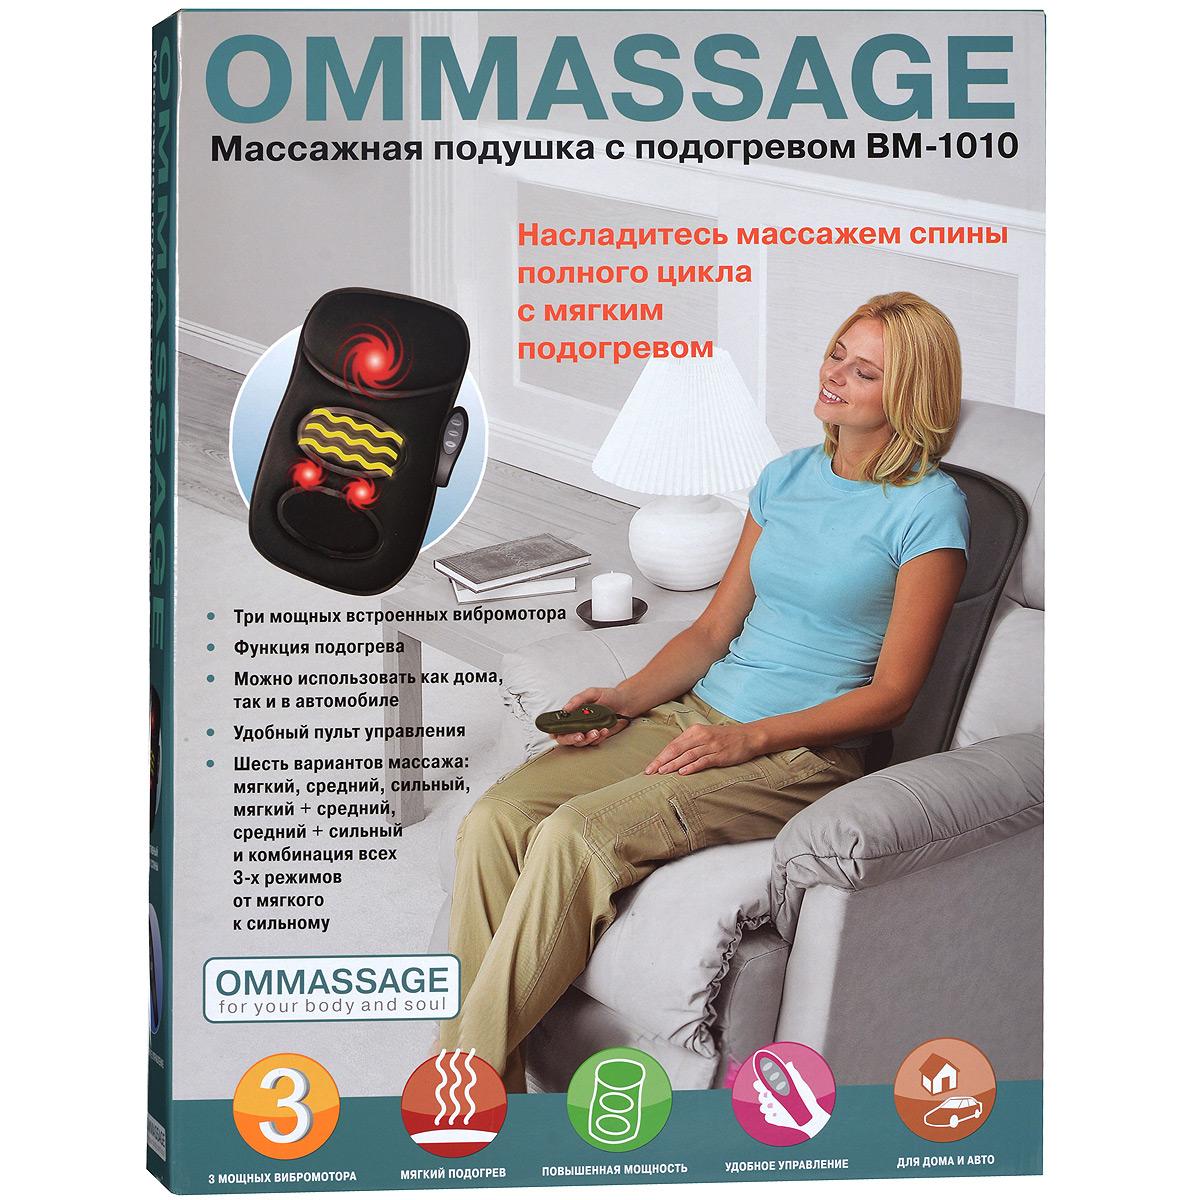 Массажная подушка для спины Ommassage BM-1010 ( 402-033A01 )